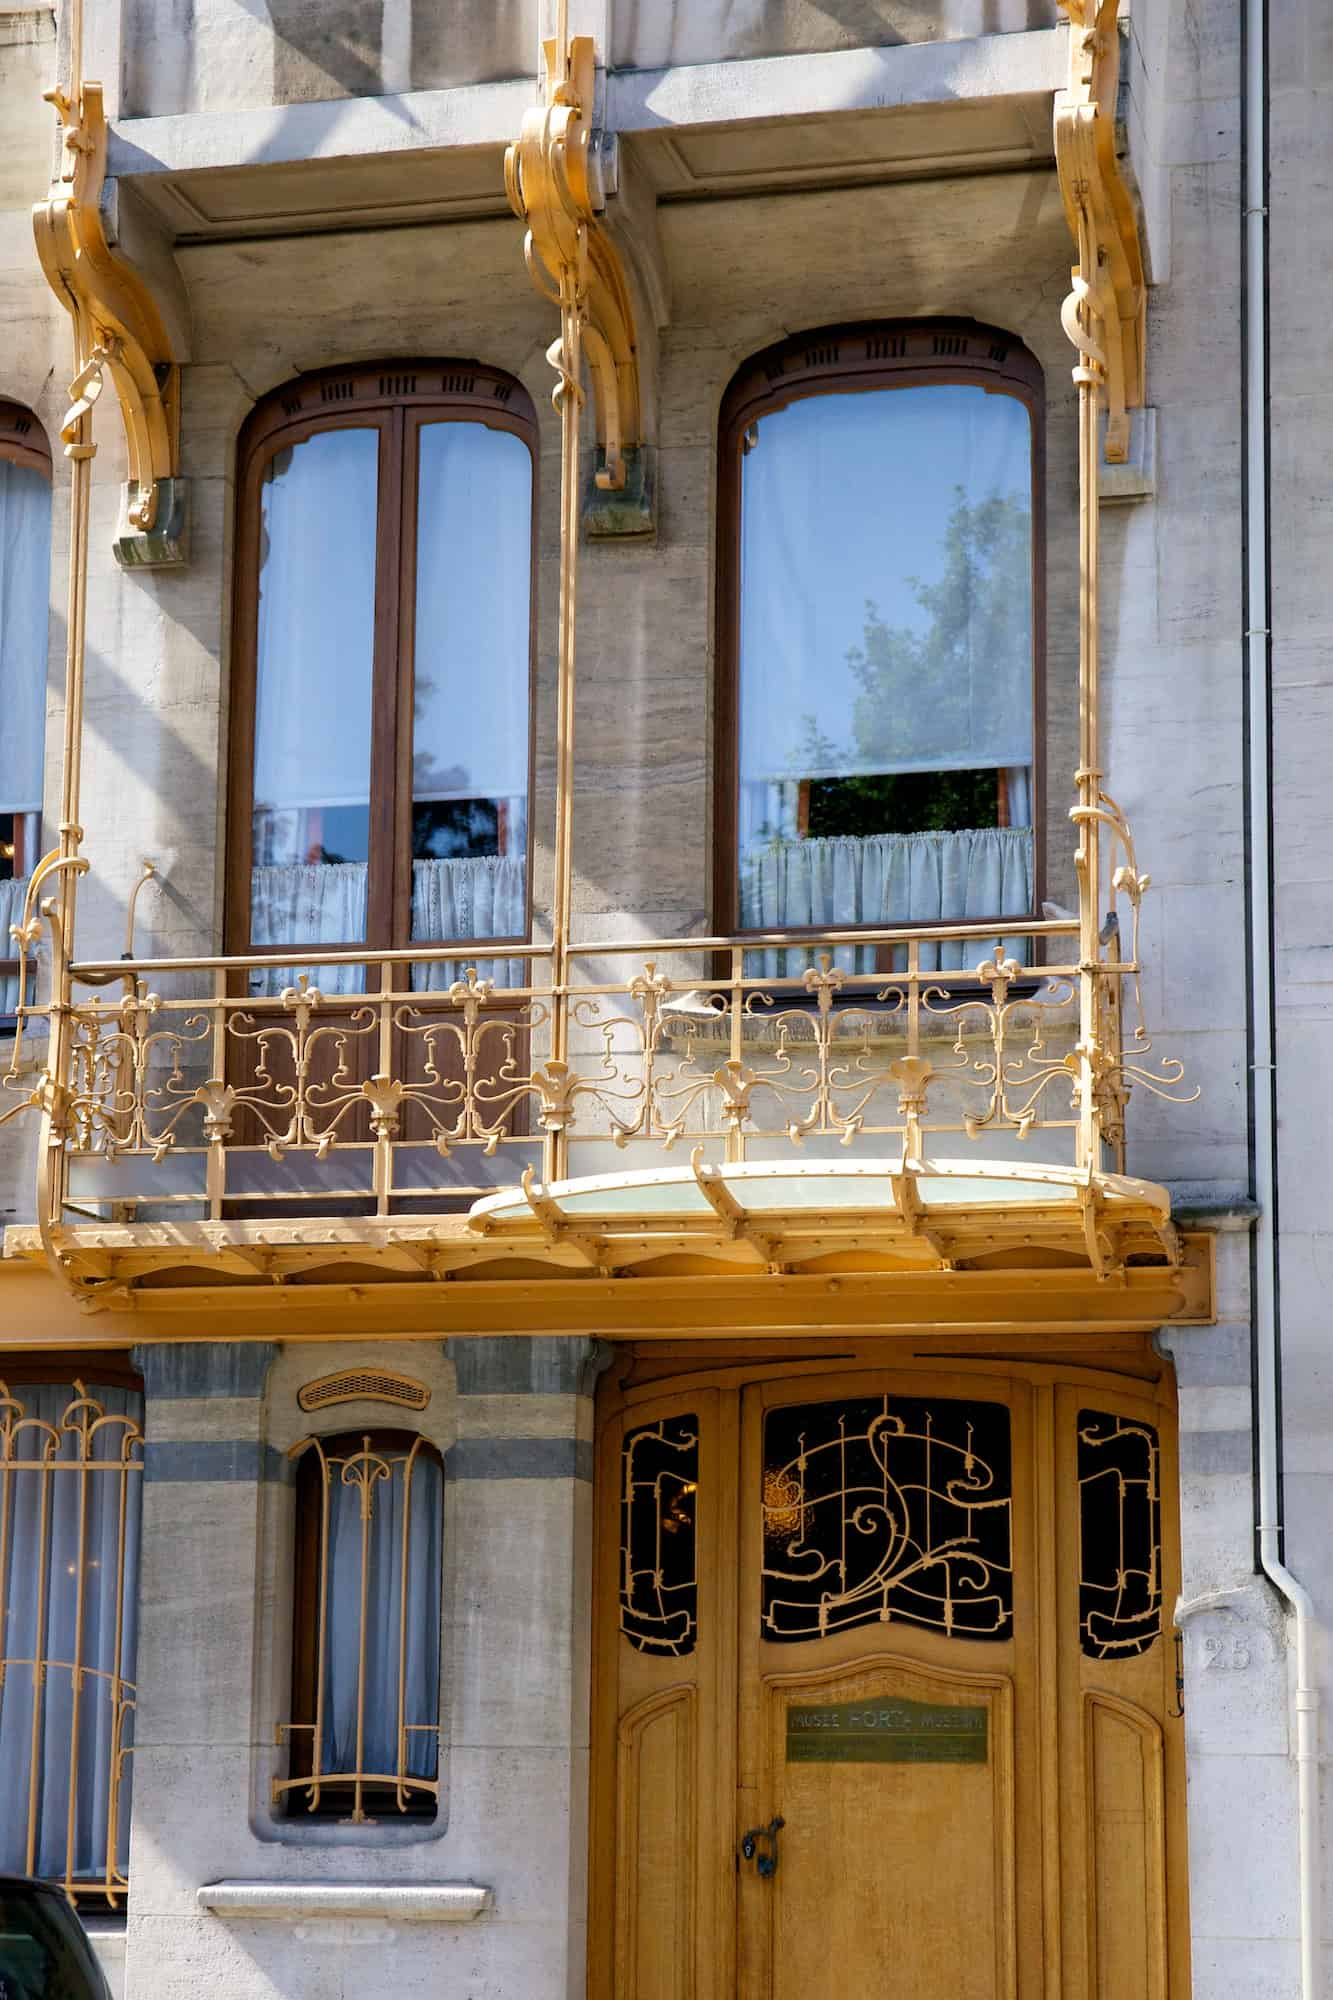 Victor Horta's House & Studio, front door and balcony